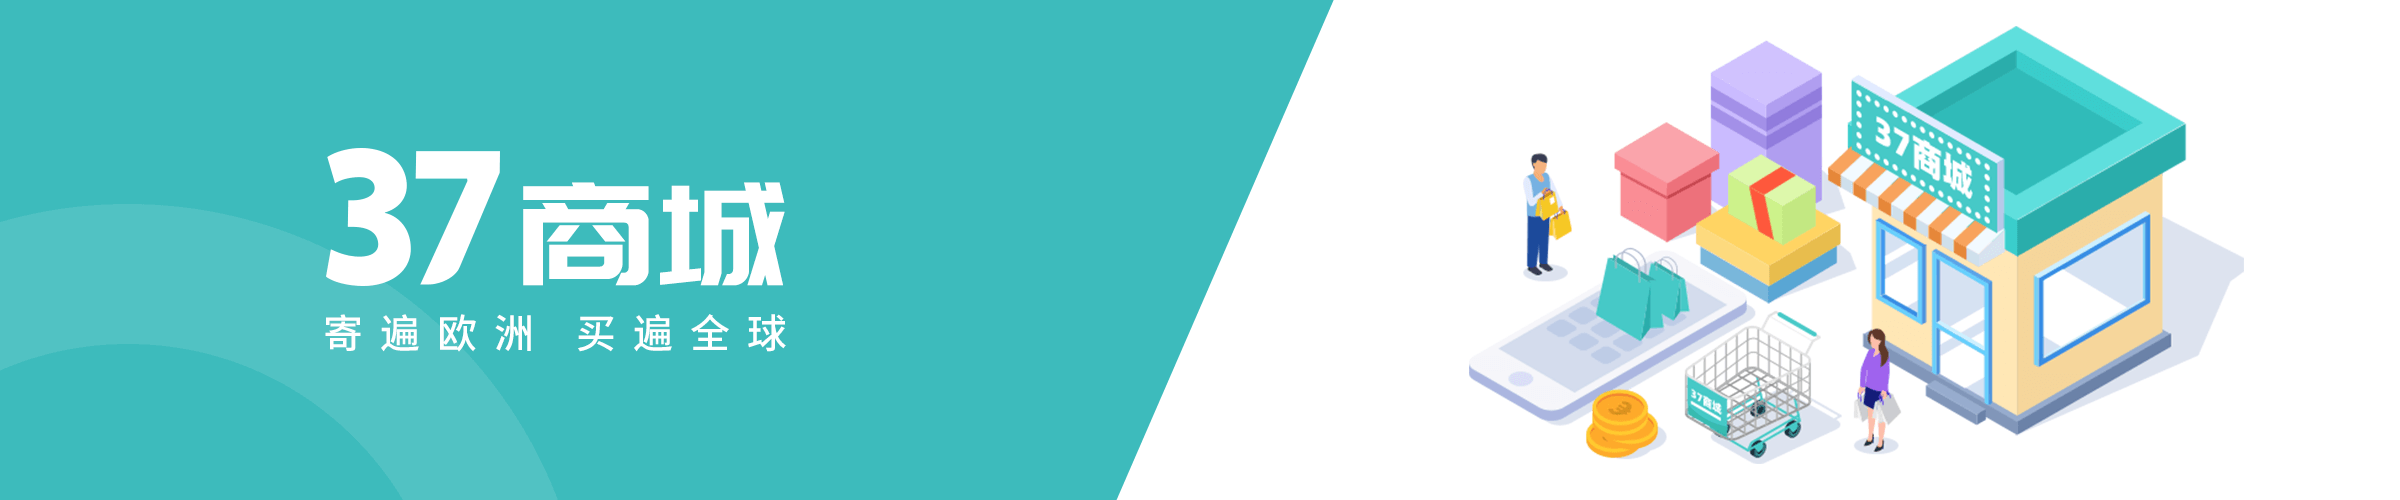 37商城首页banner